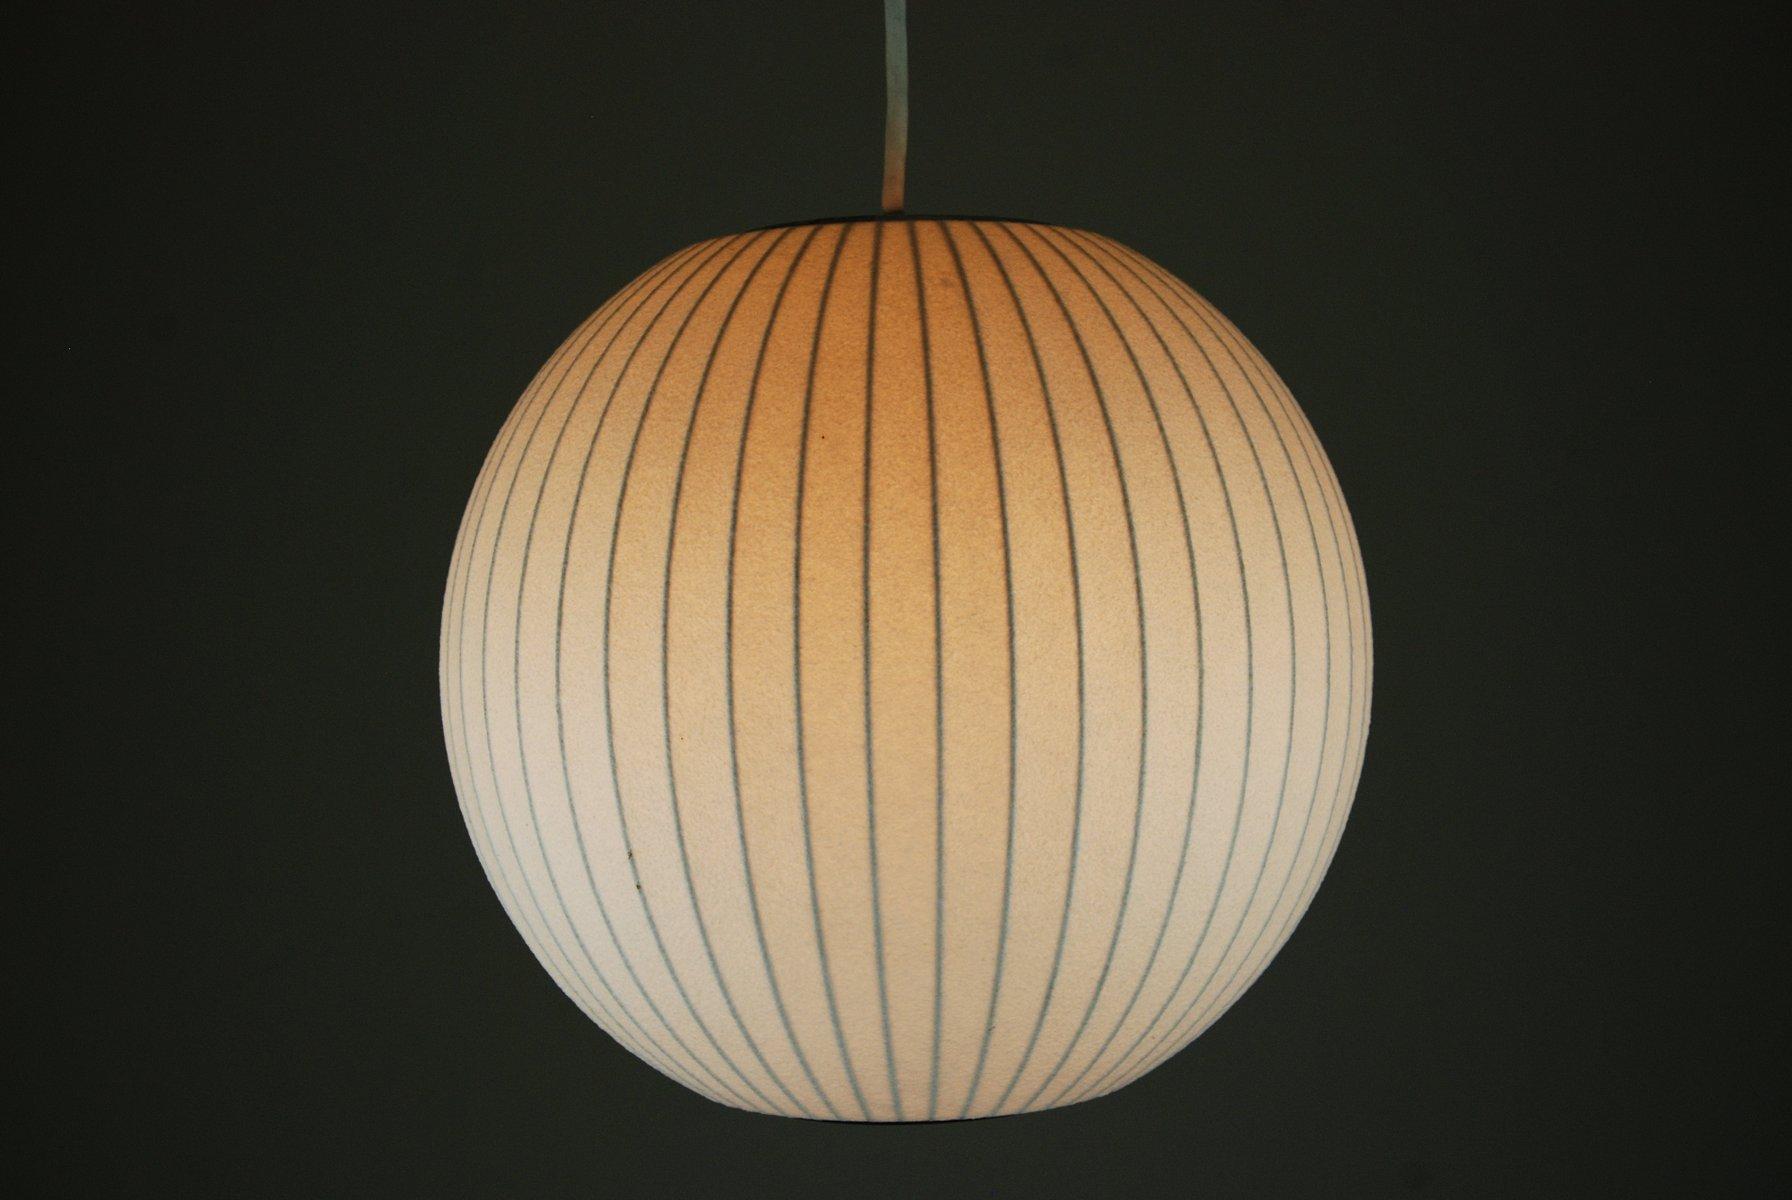 Lampe Balle Par George Nelson Pour Modernica En Vente Sur